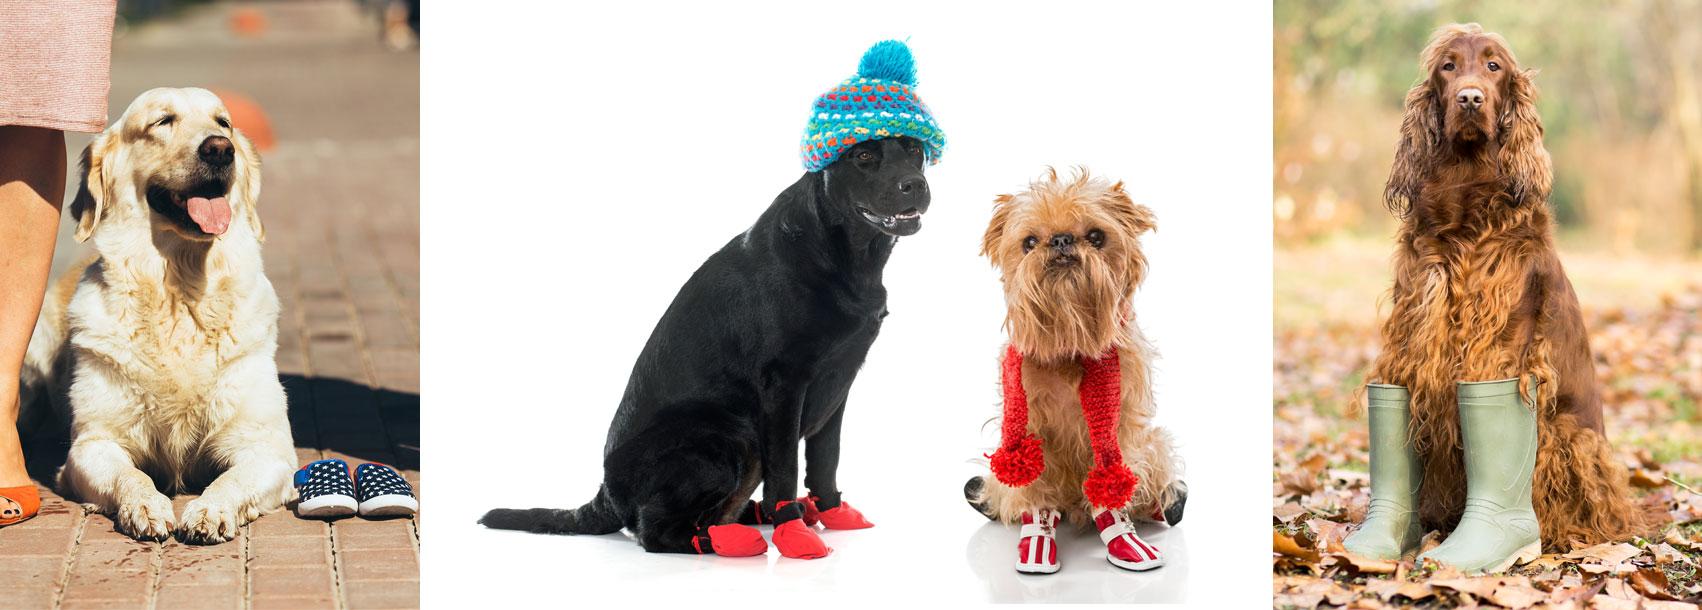 Hundepfotenschuhe